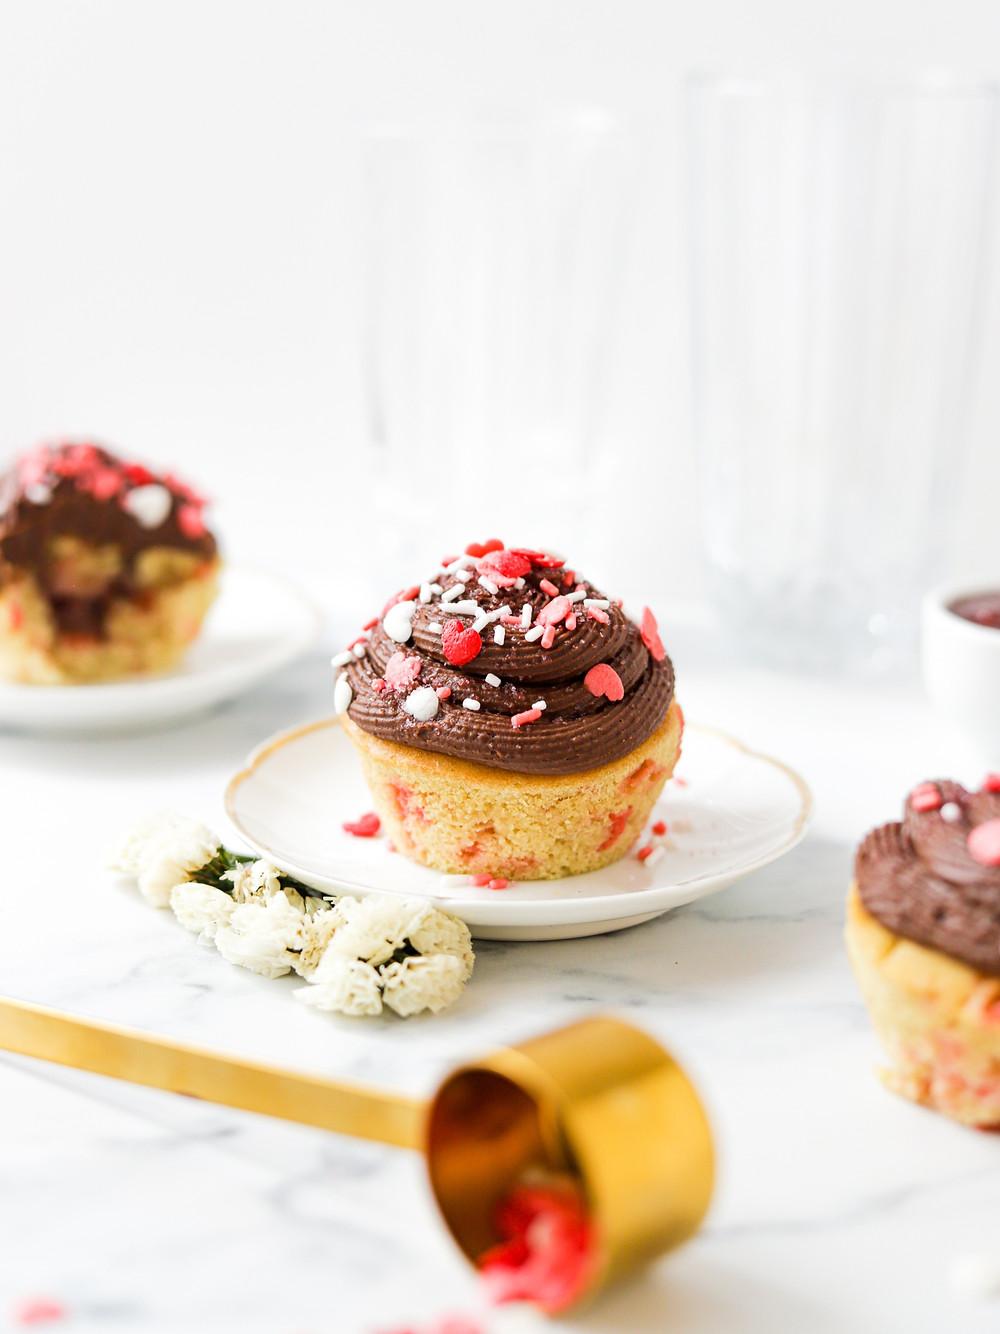 Cupcakes Funfetti Vegan com Doce de Morango e Cobertura de Chocolate - Dia dos Namorados